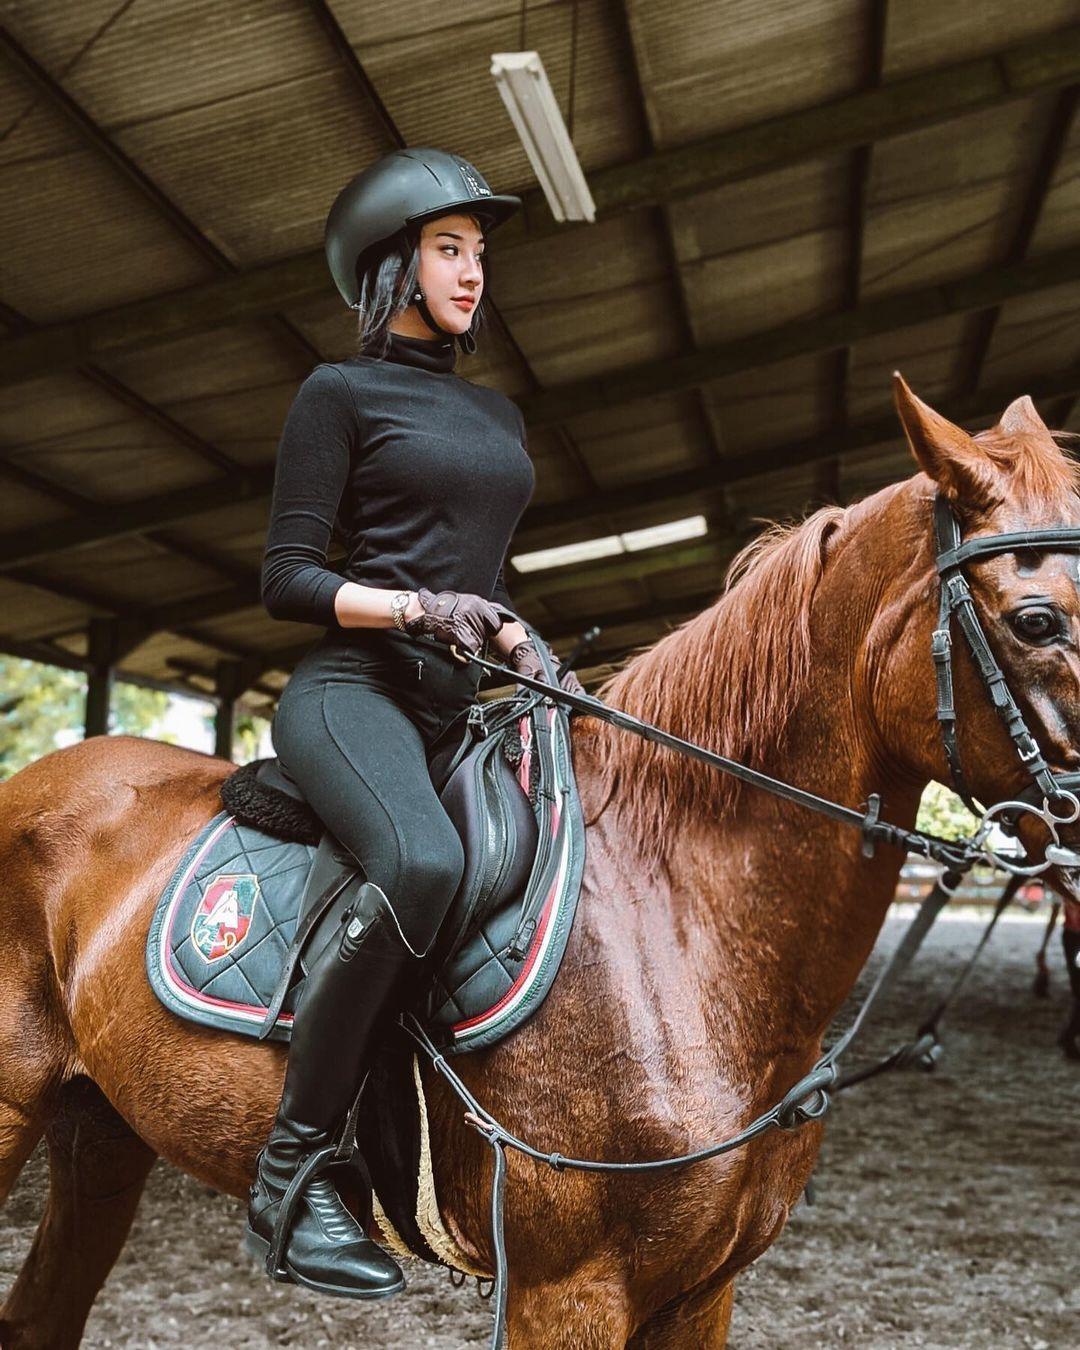 Sepeda hingga Berkuda, Ini Gaya Seksi Anya Geraldine saat Olahraga